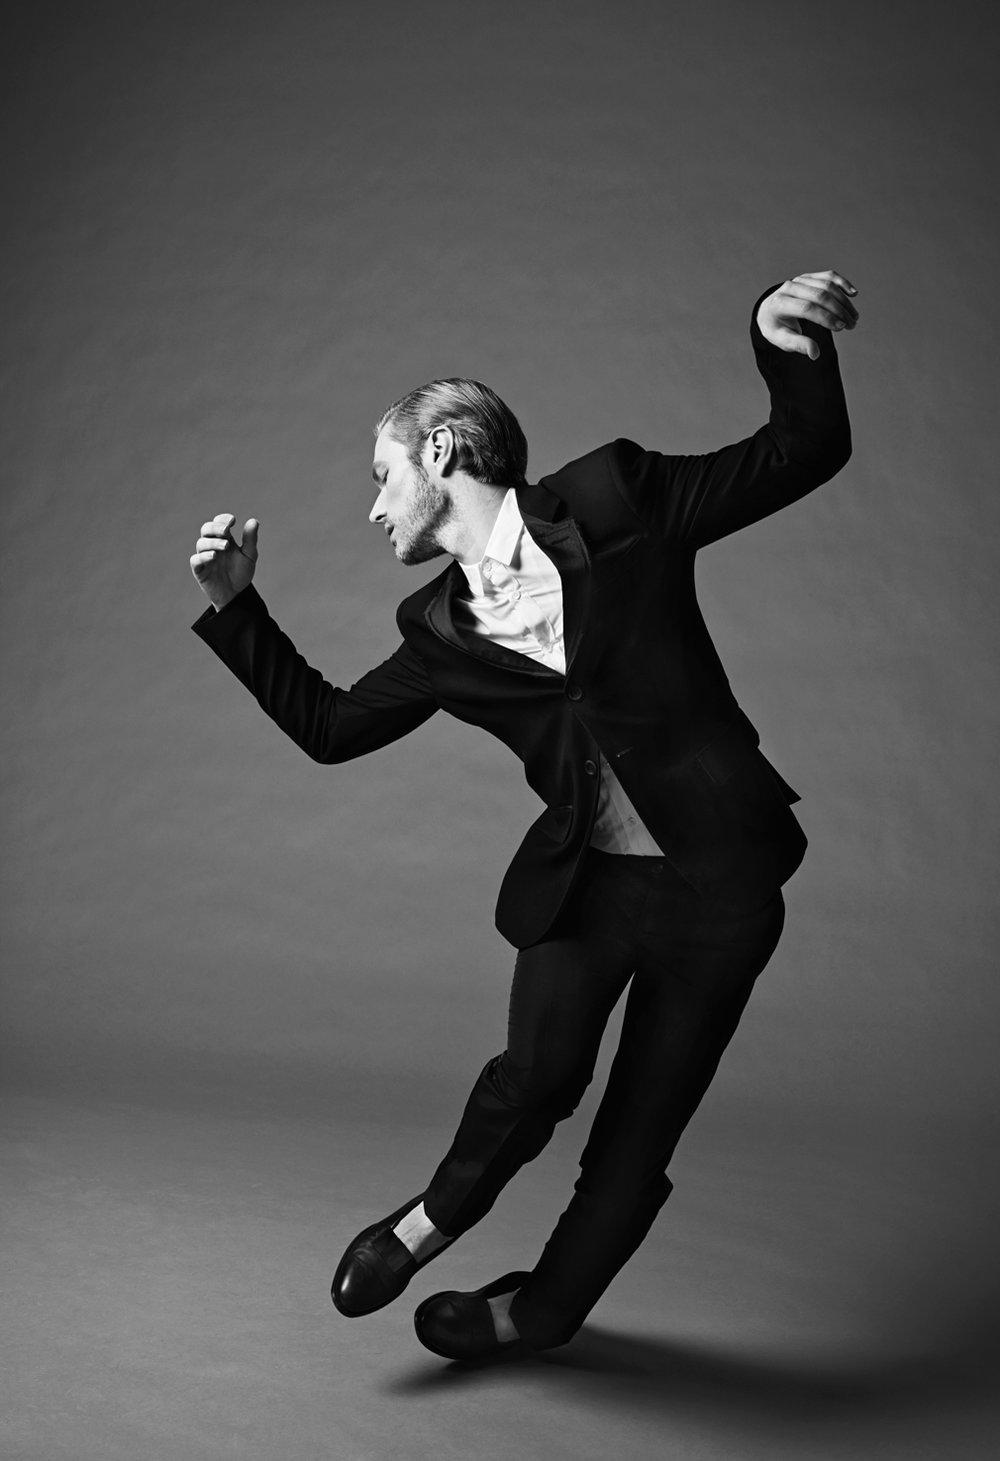 RD_Dancer_Benoit2.jpg